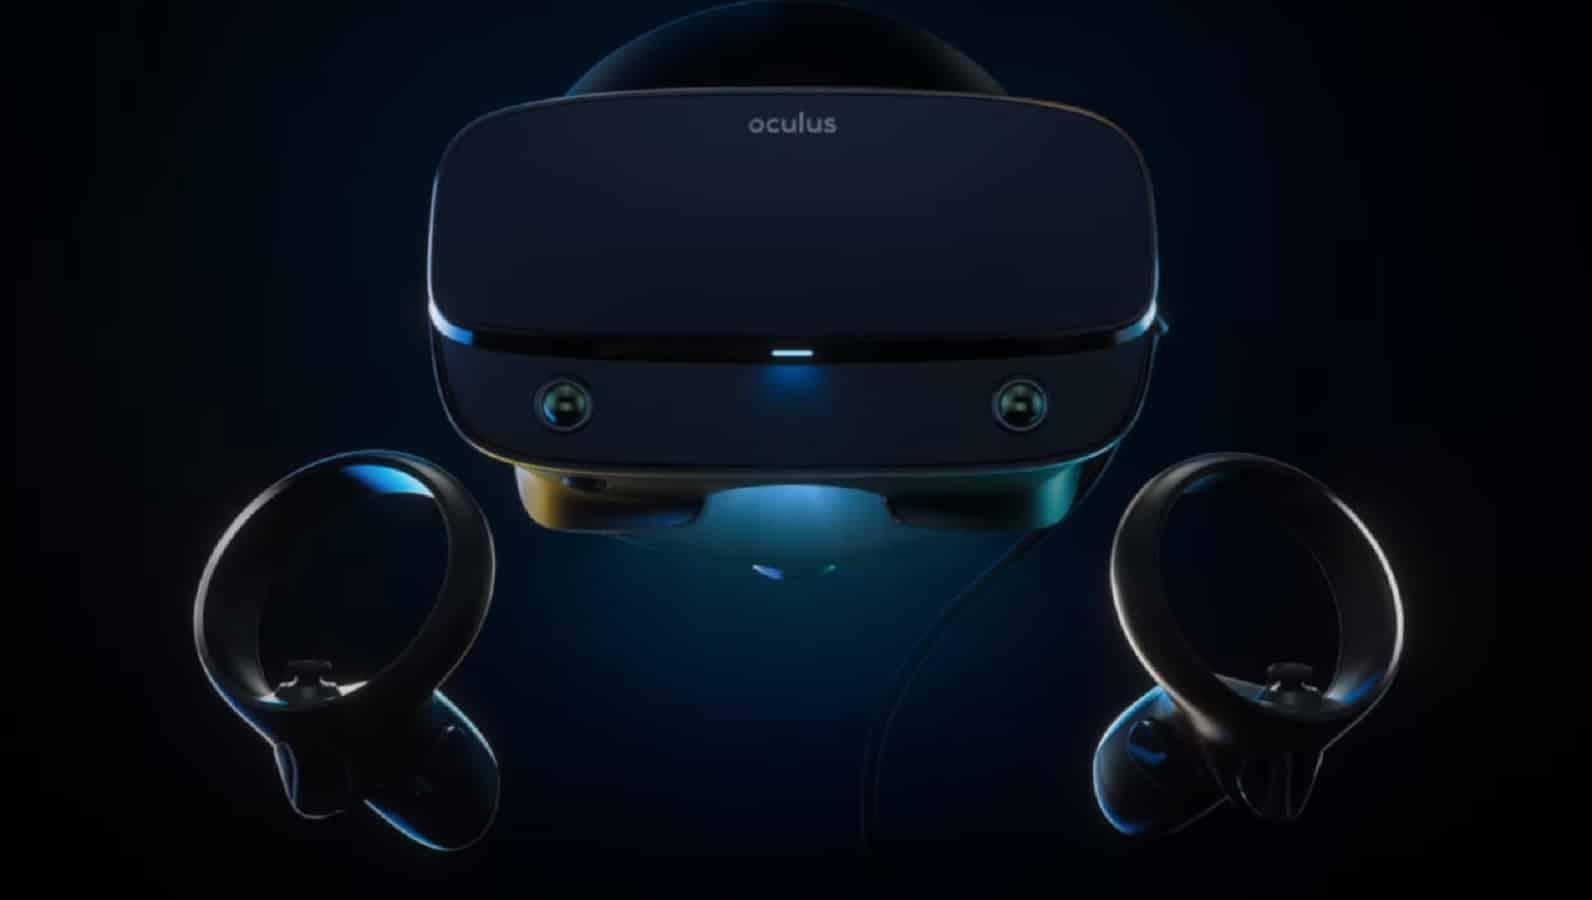 oculus rift s announcement